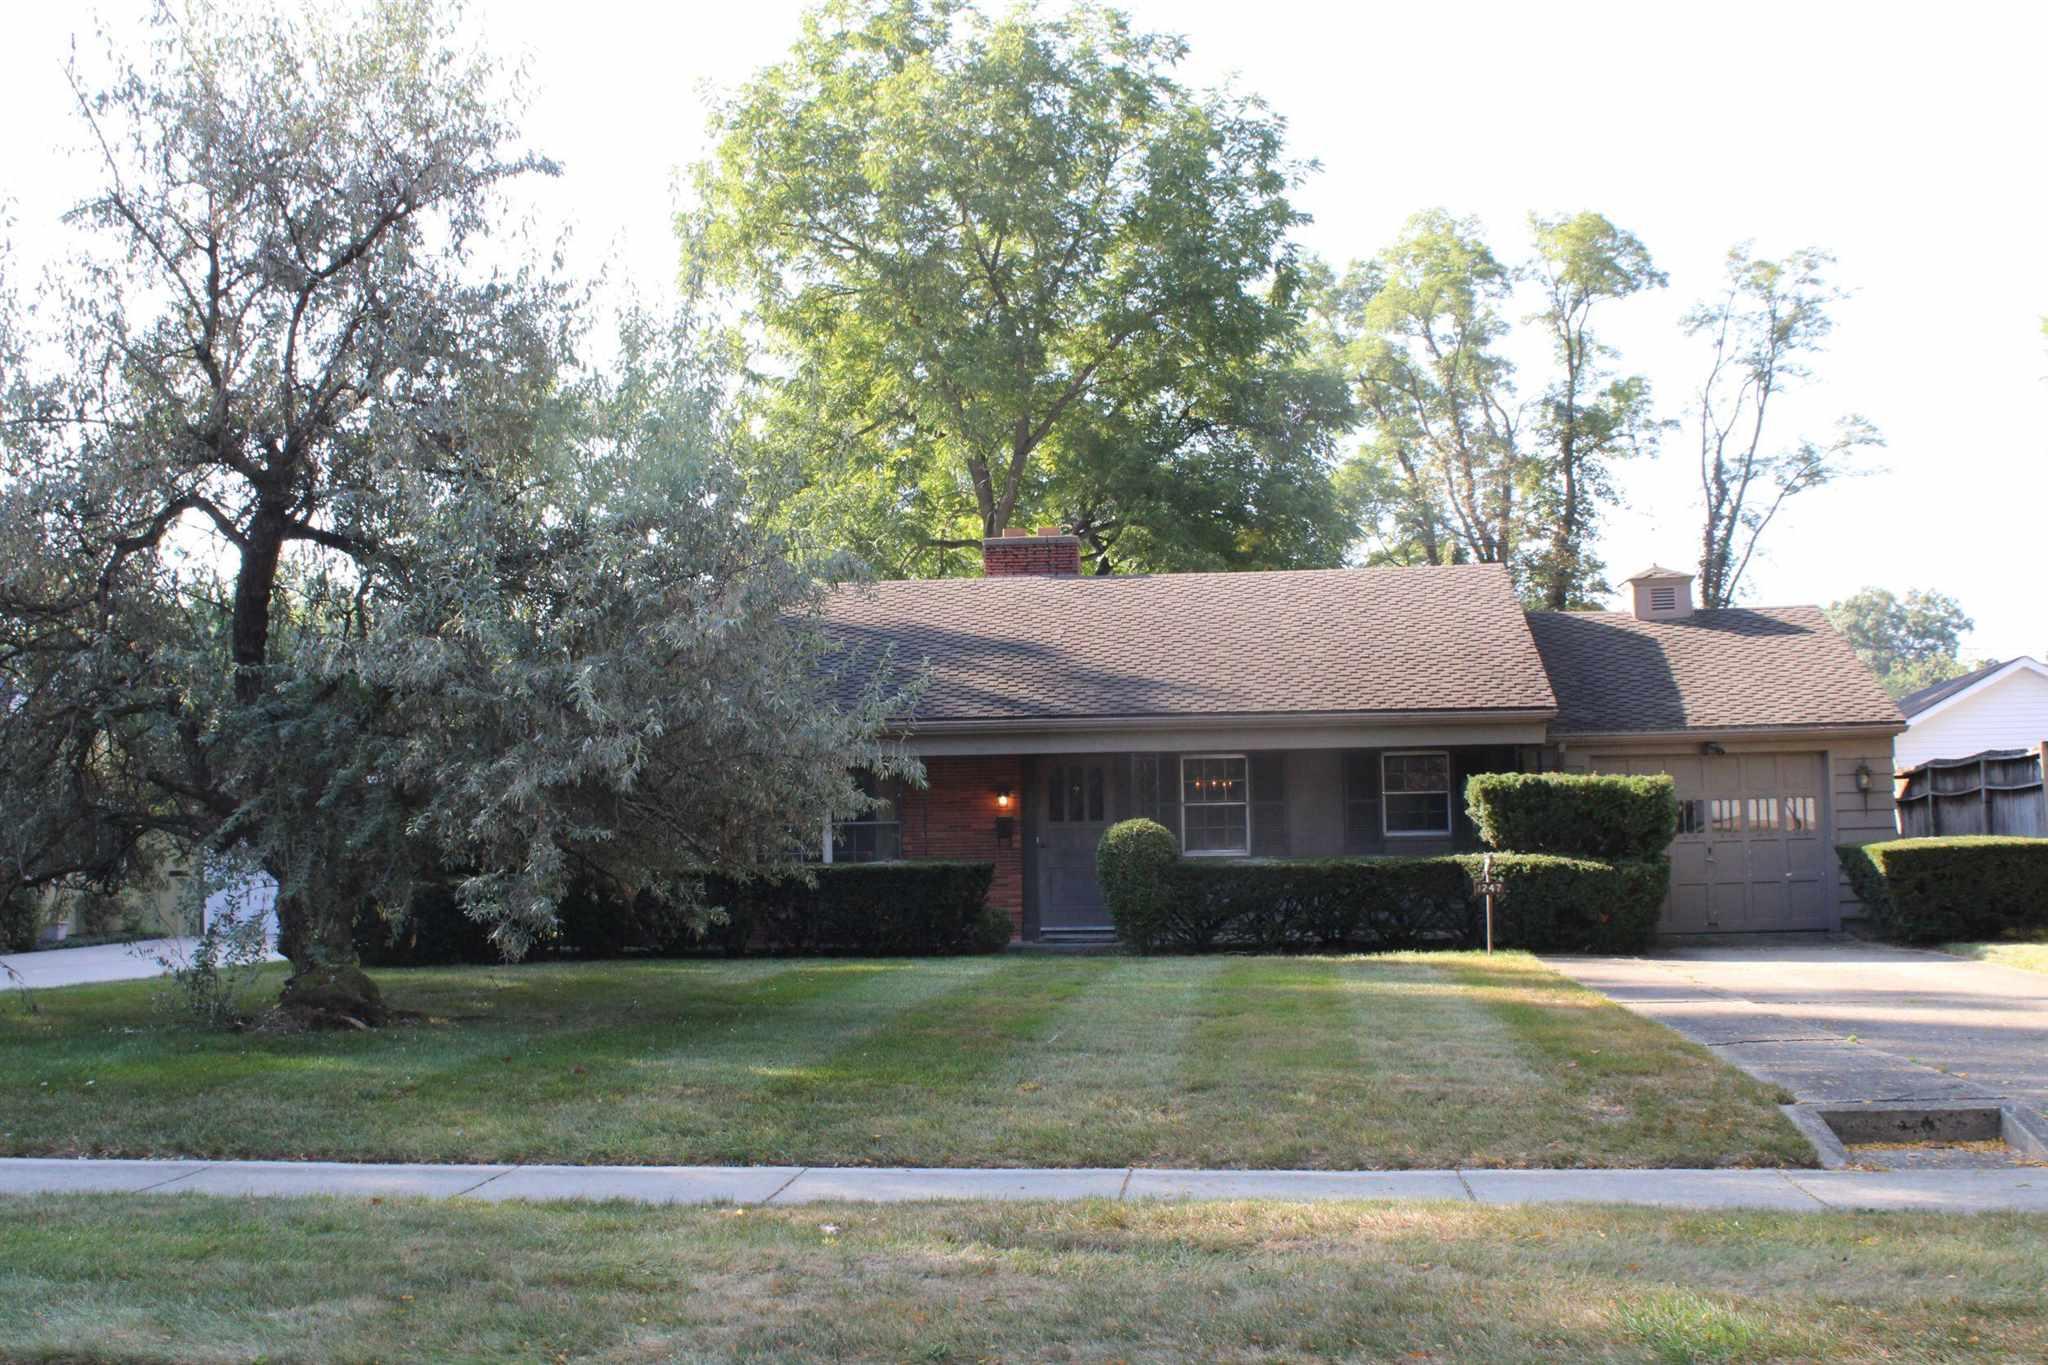 1247 W Sherwood Terrace, Fort Wayne, IN 46807